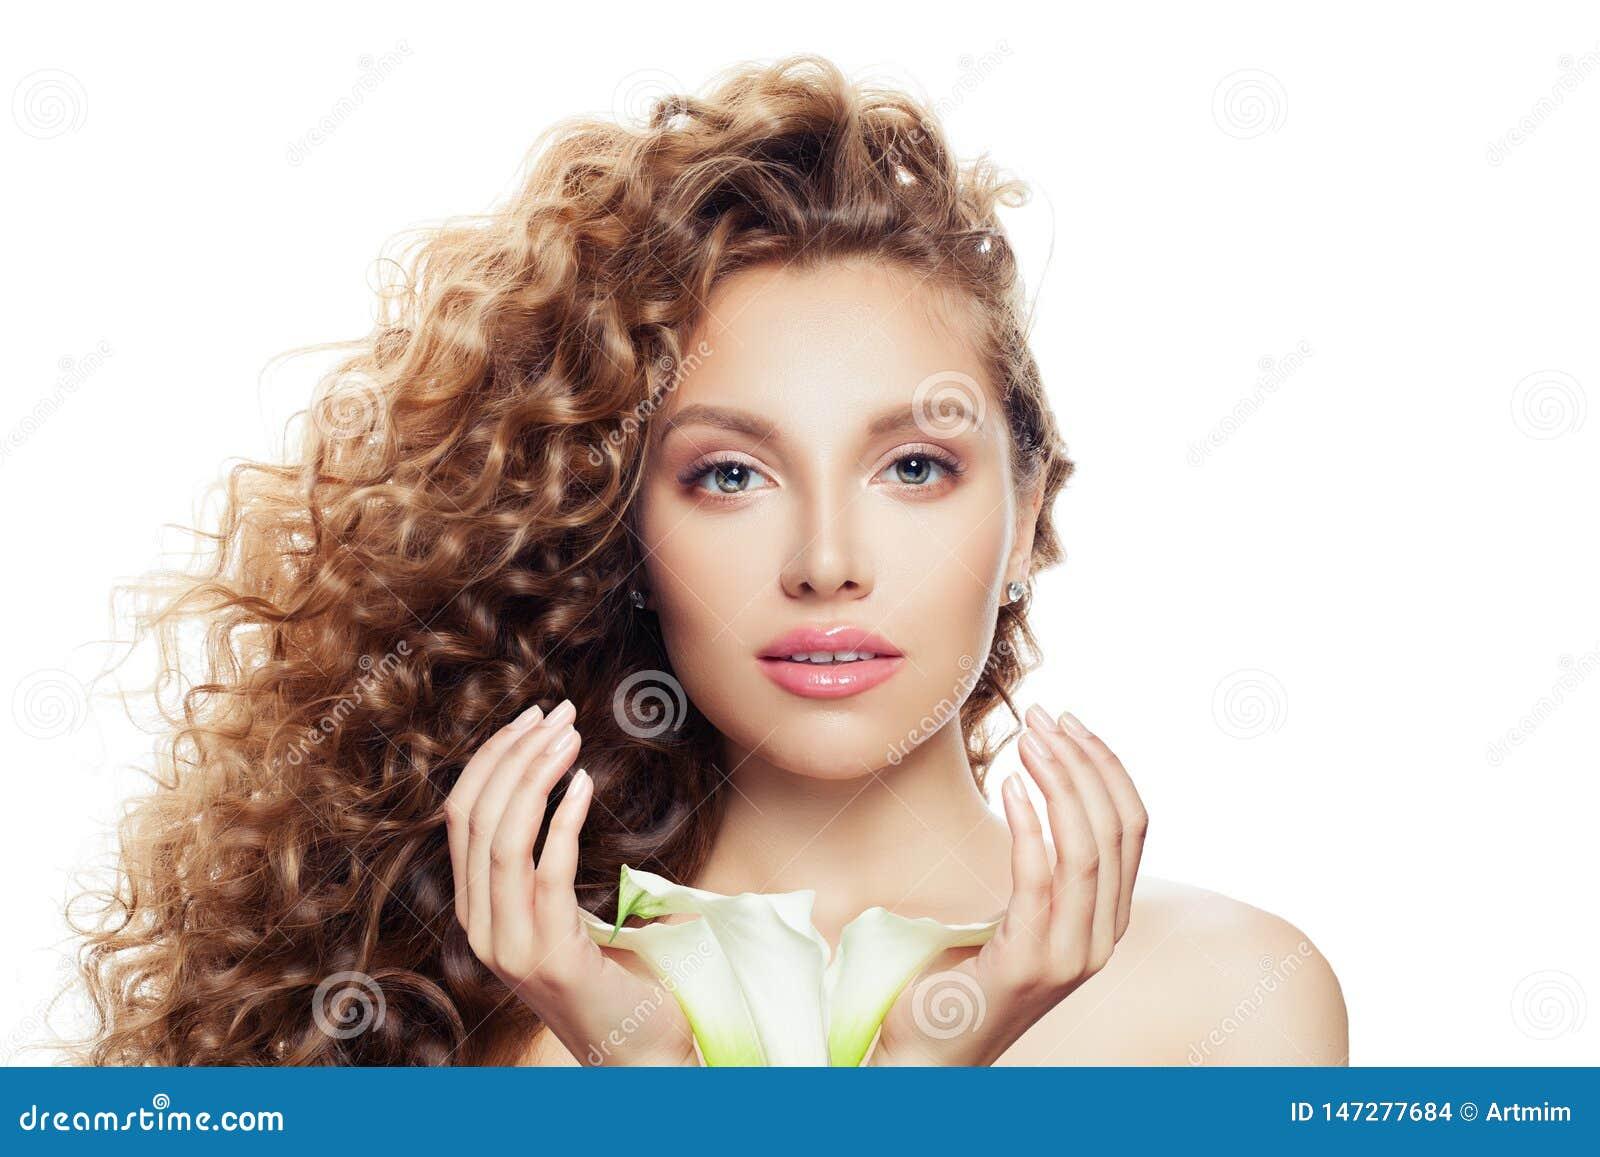 Stående av den nätta kvinnan med långt lockigt hår, klar hud och liljablomman i hennes händer som isoleras på vit bakgrund